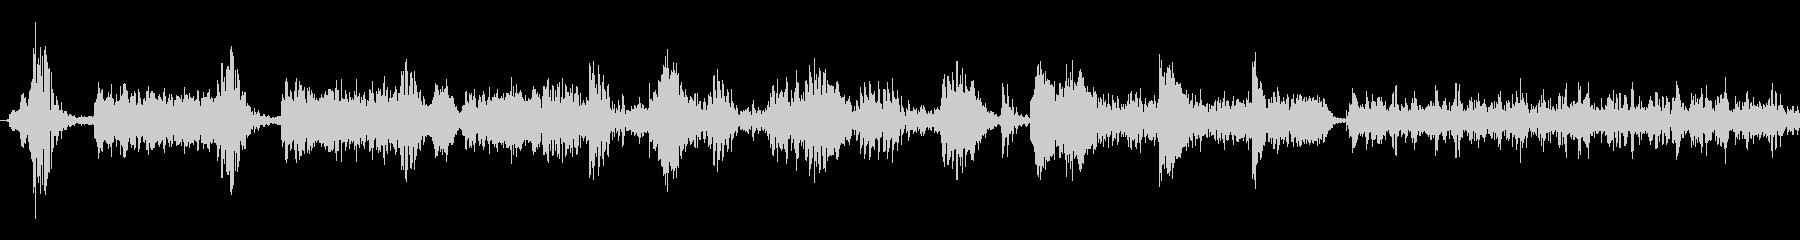 ラジオスキャン7の未再生の波形